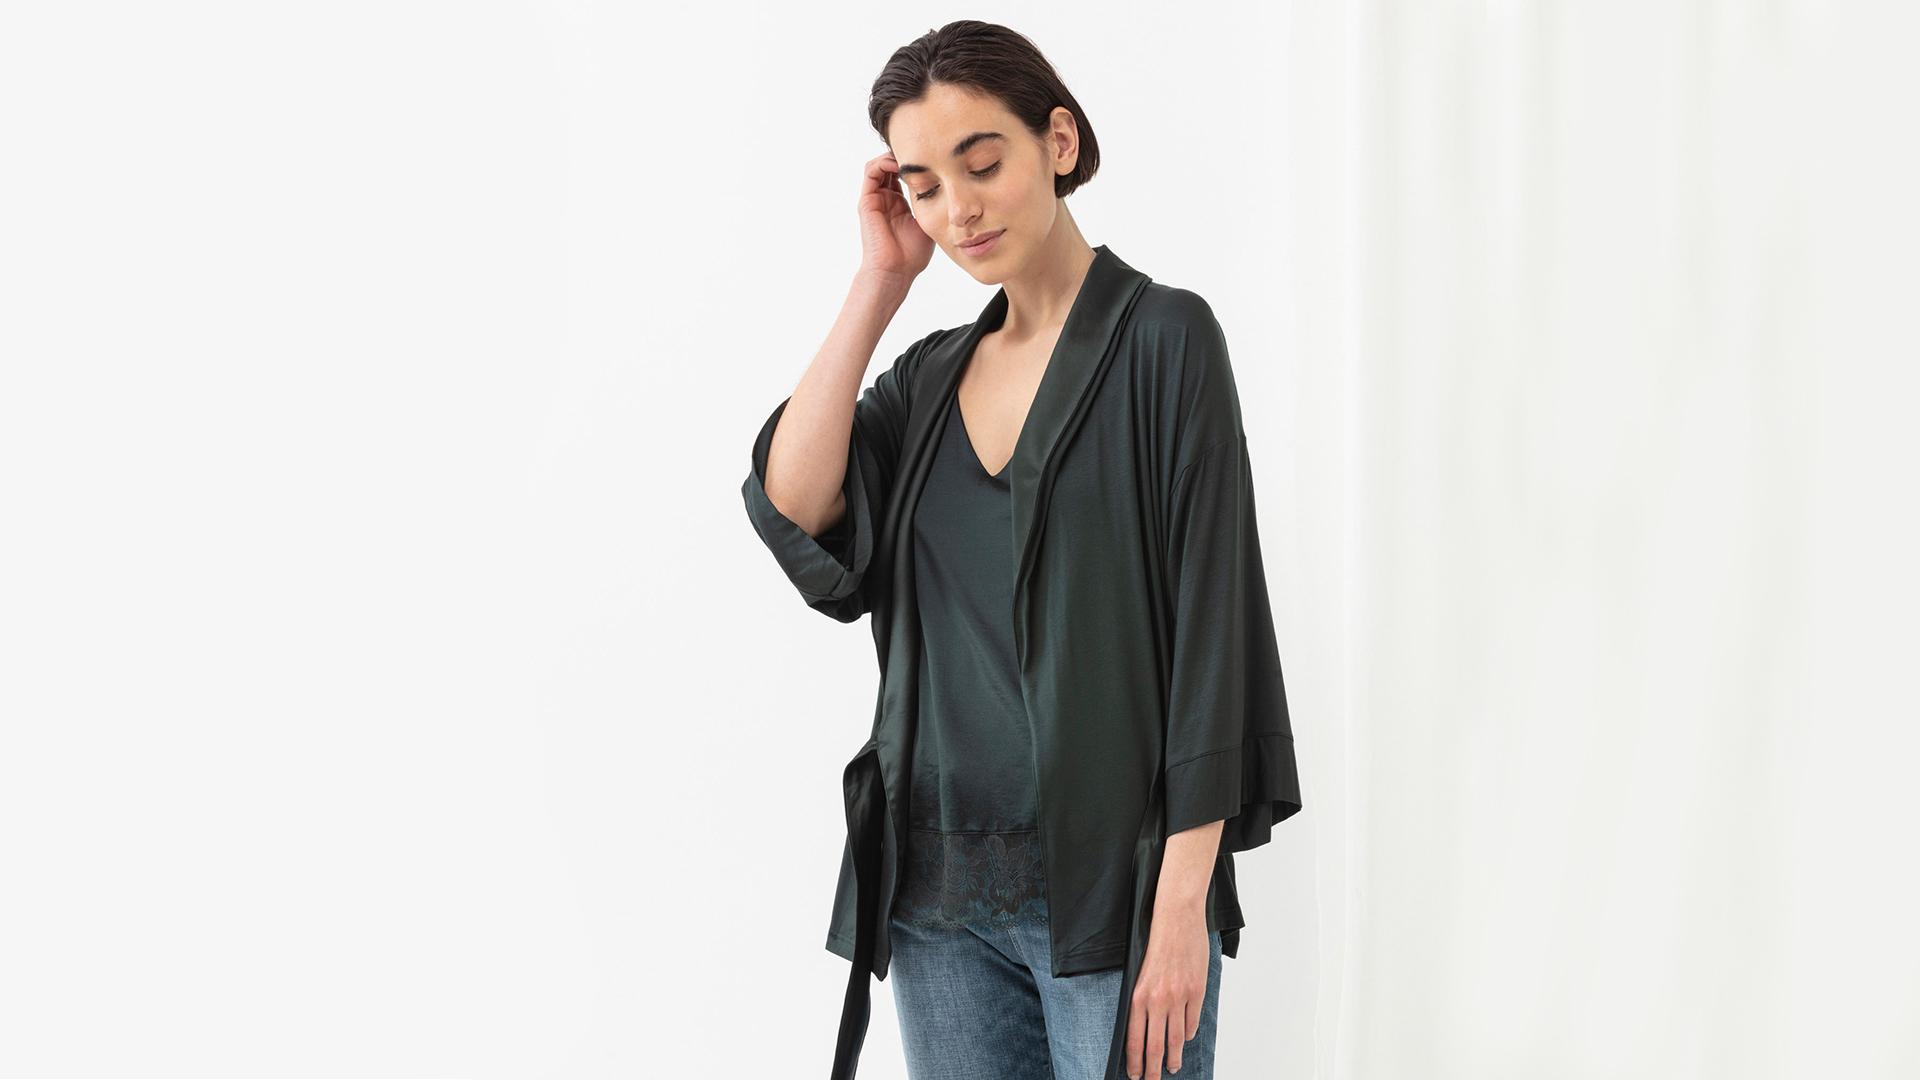 Modisch unterwegs in mey Fashion | mey®